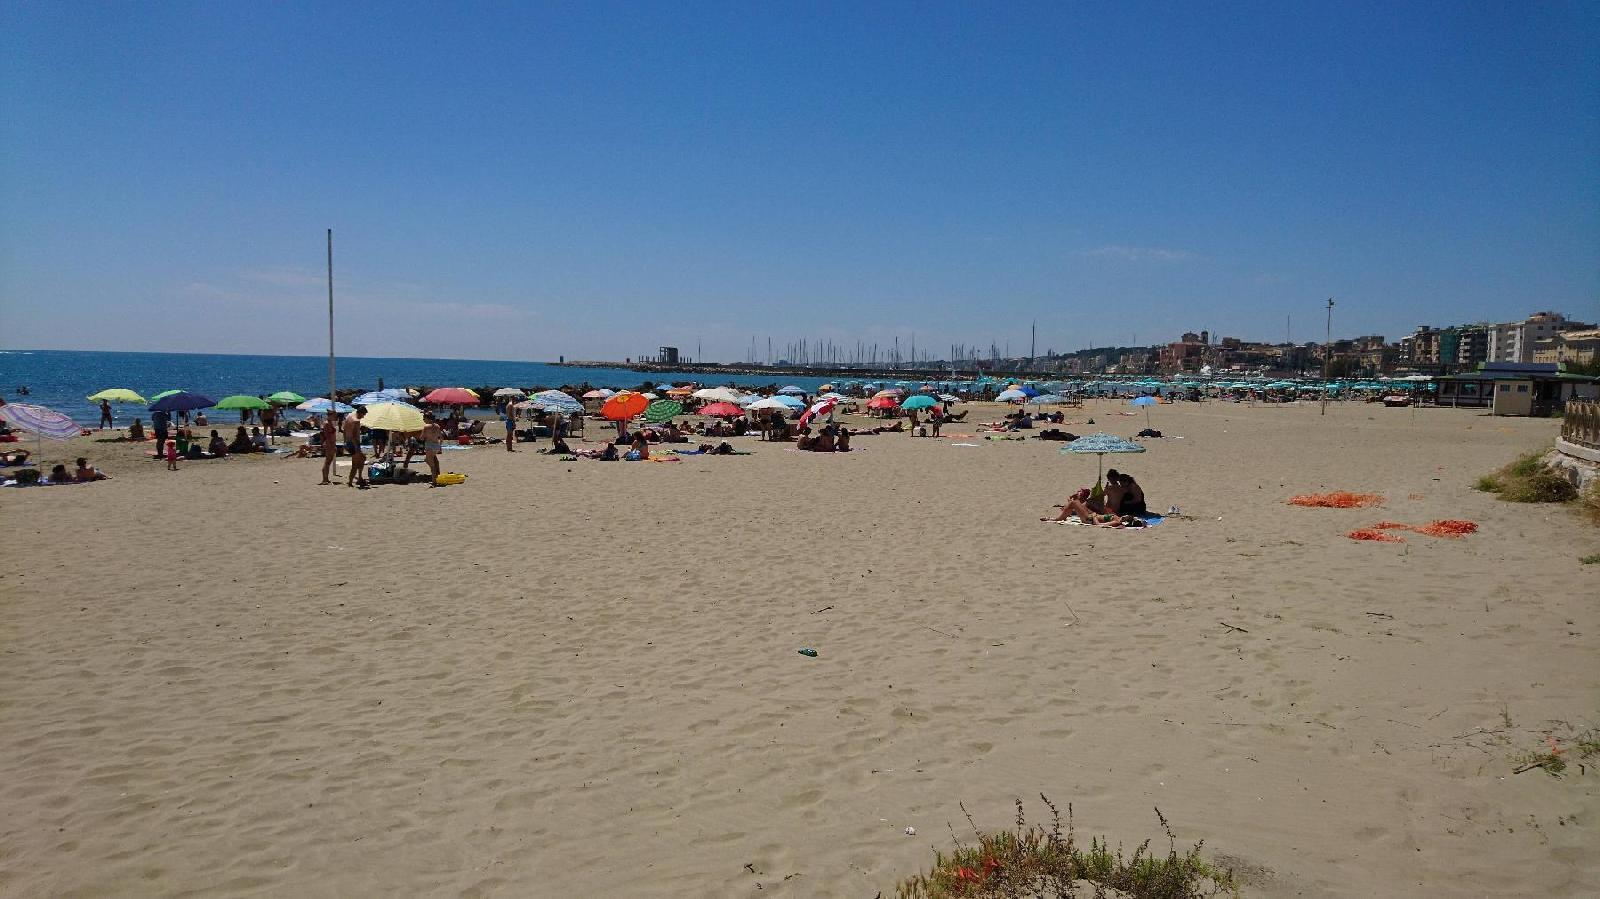 Ombrelloni sdraio lettini e tavole da surf l 39 inventario dei beni confiscati in spiaggia e da - Tavole da surf decathlon ...